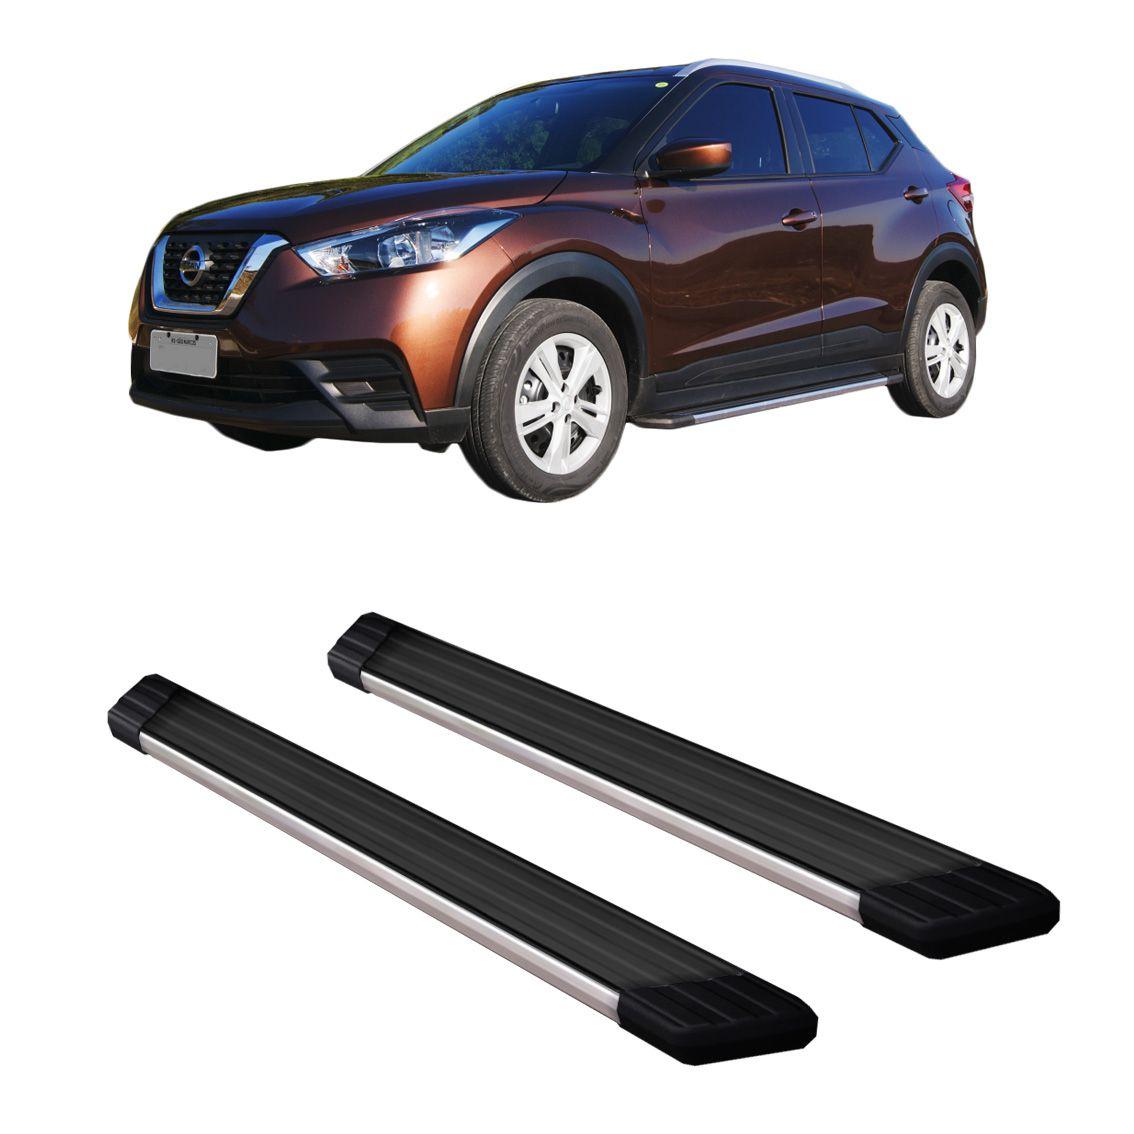 Estribo Nissan Kicks Alumínio Preto Frente Polido Suv II BEPO